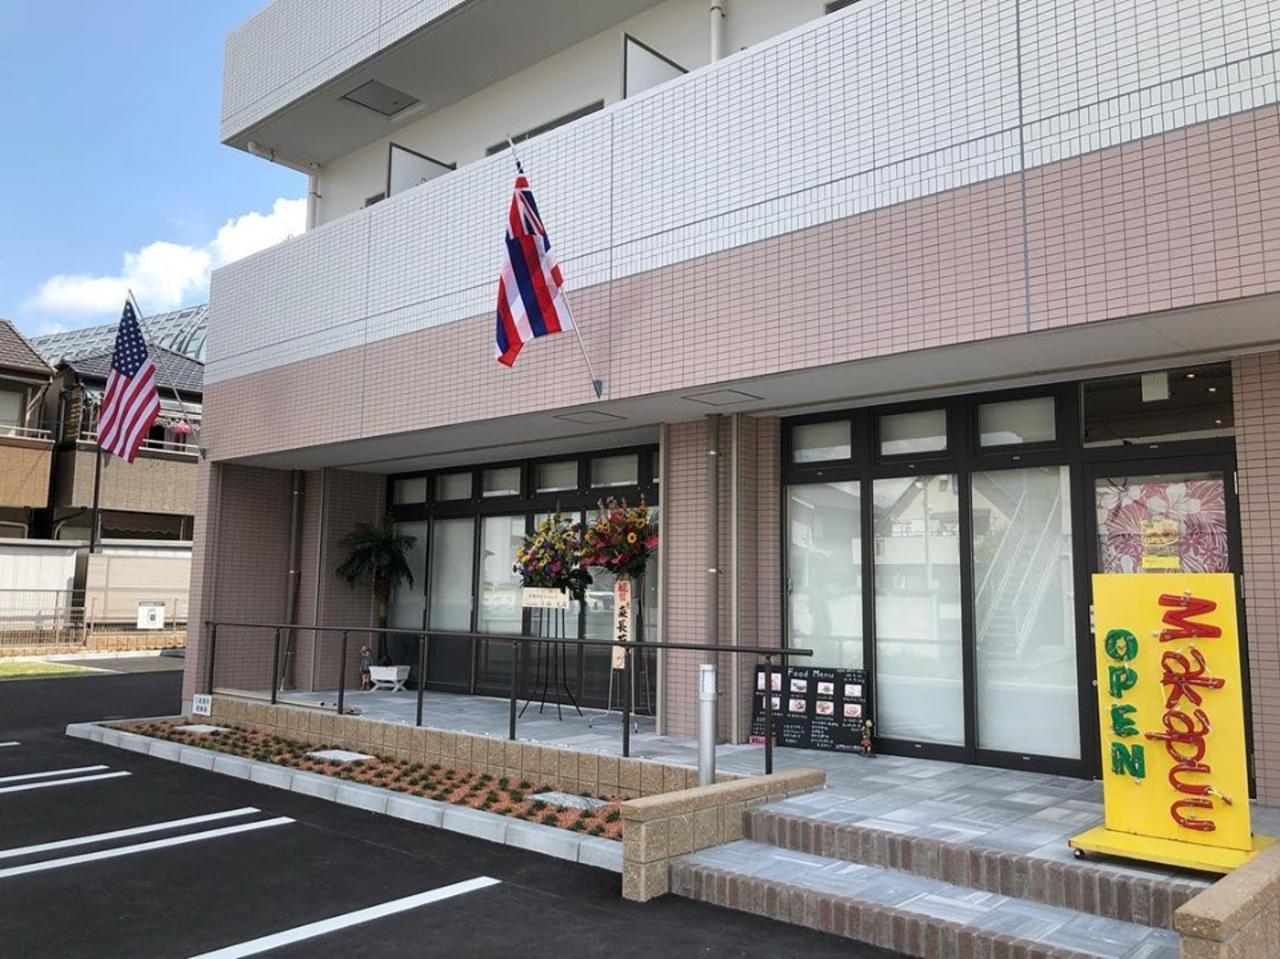 愛知県名古屋市名東区一社にハワイアンカフェレストラン「マカプ」がオープンされたようです。